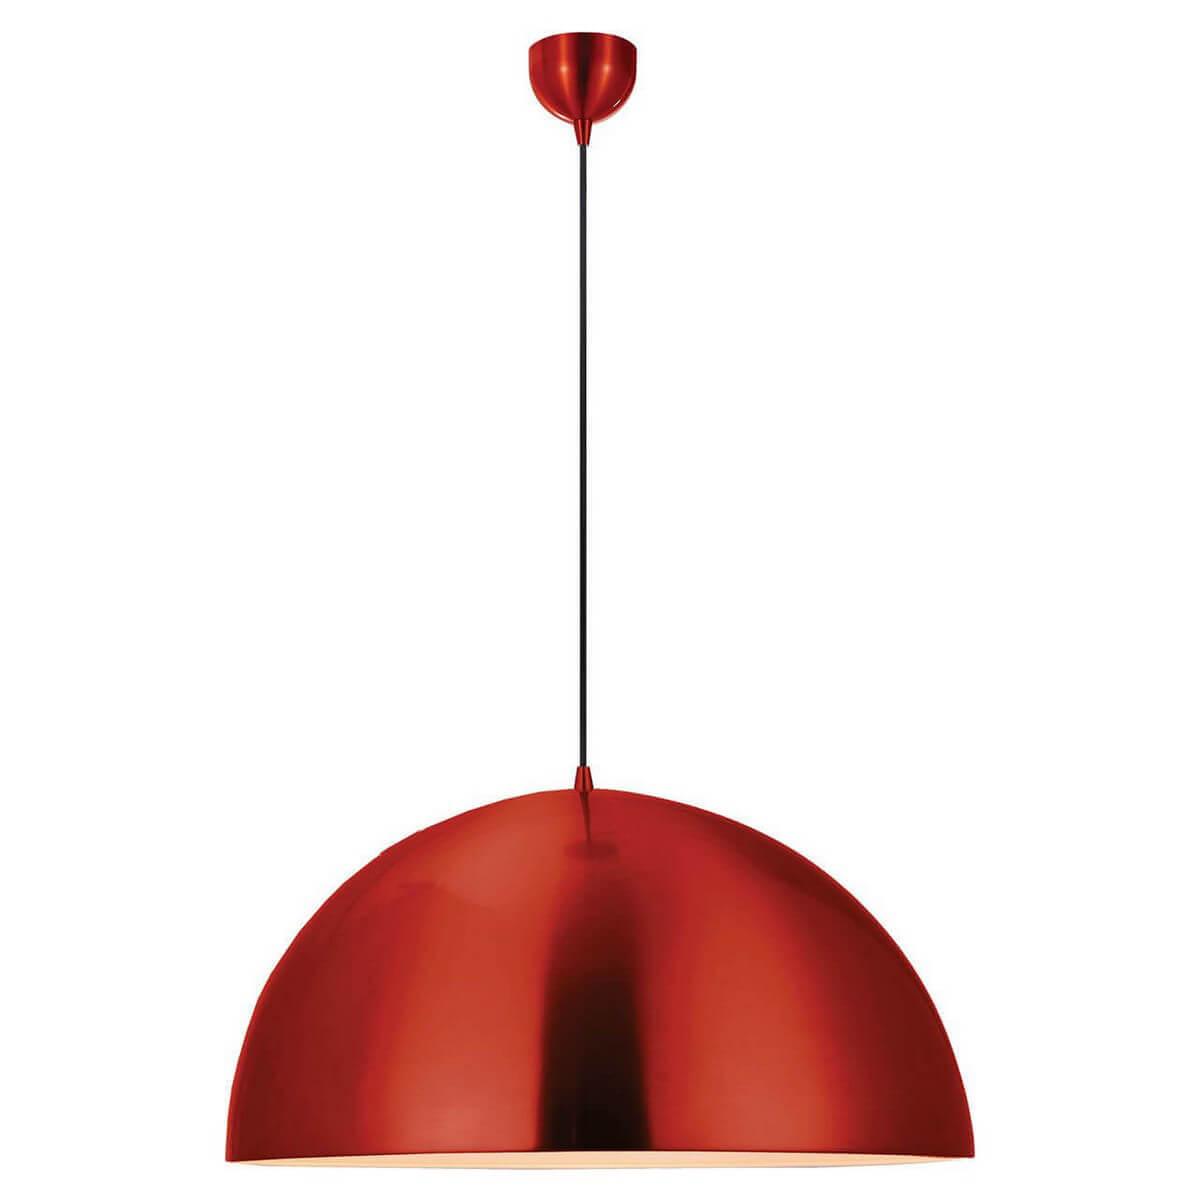 Подвесной светильник Lussole Loft GRLSP-9654 подвесной светильник lussole grlsp 9654 красный